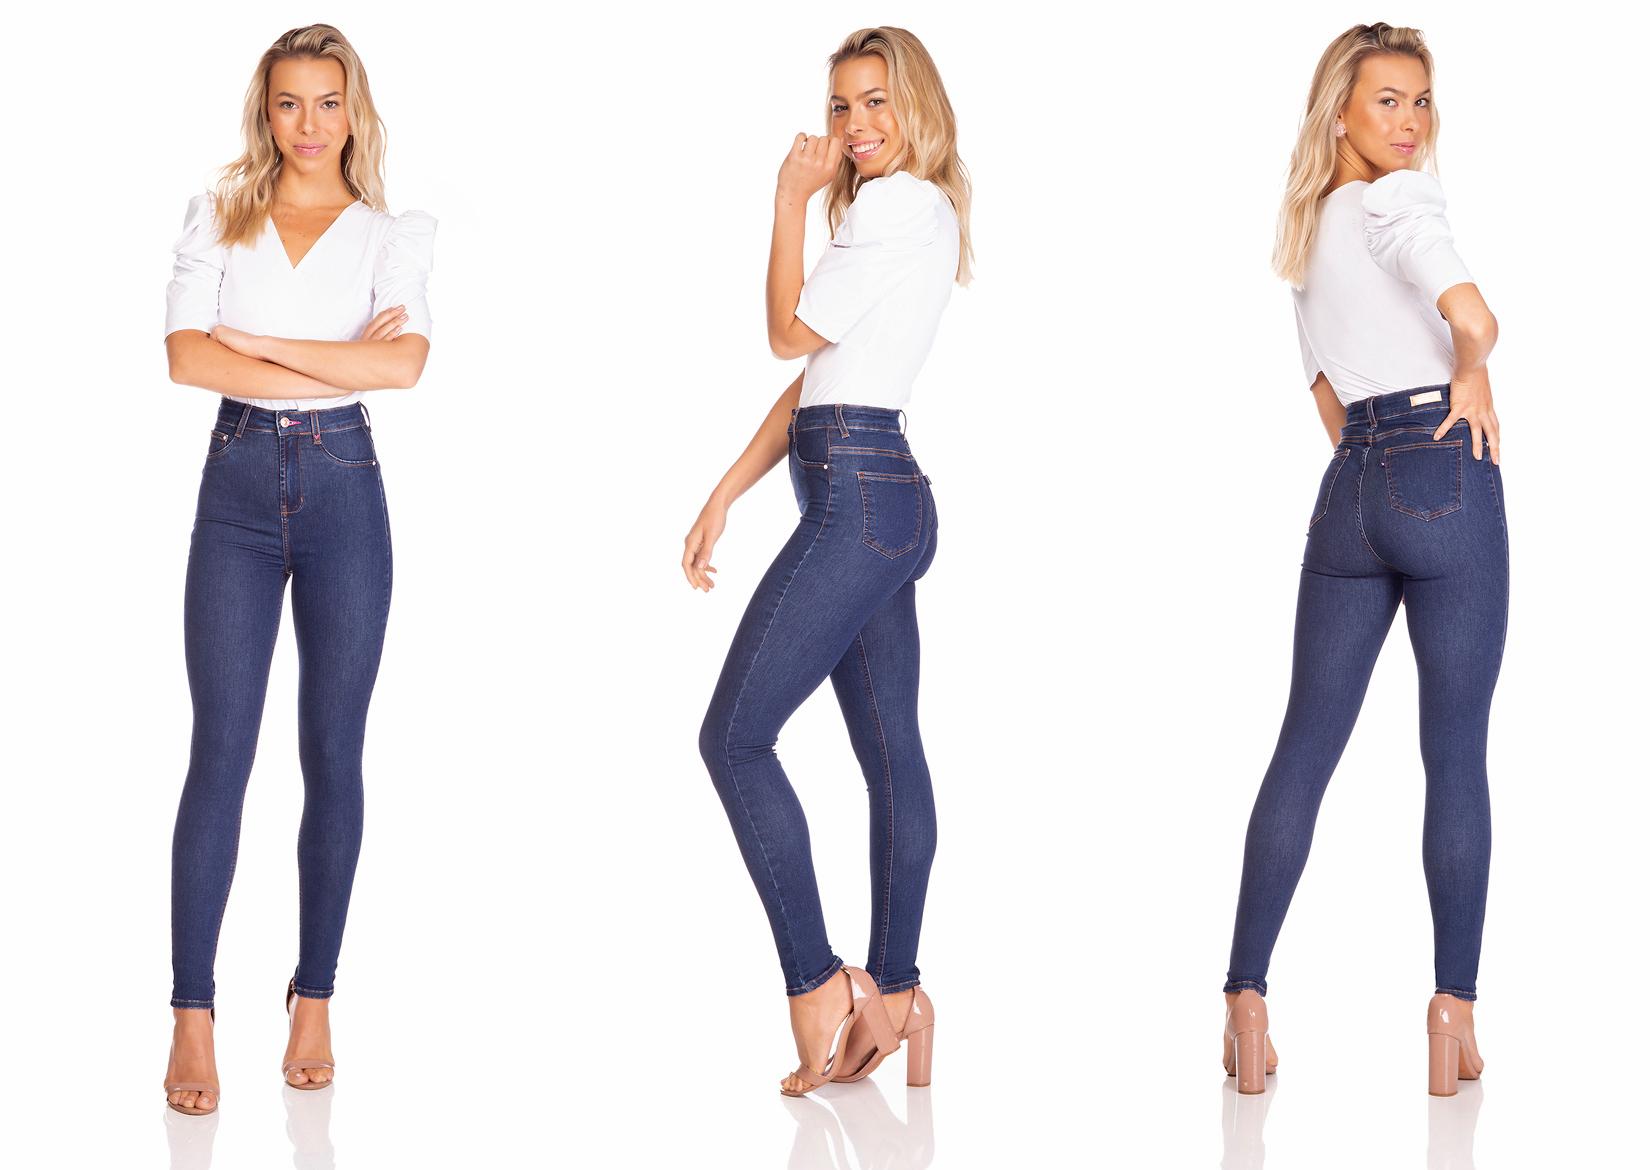 dz3258 calca jeans feminina skinny hot pants estonada denim zero tripla